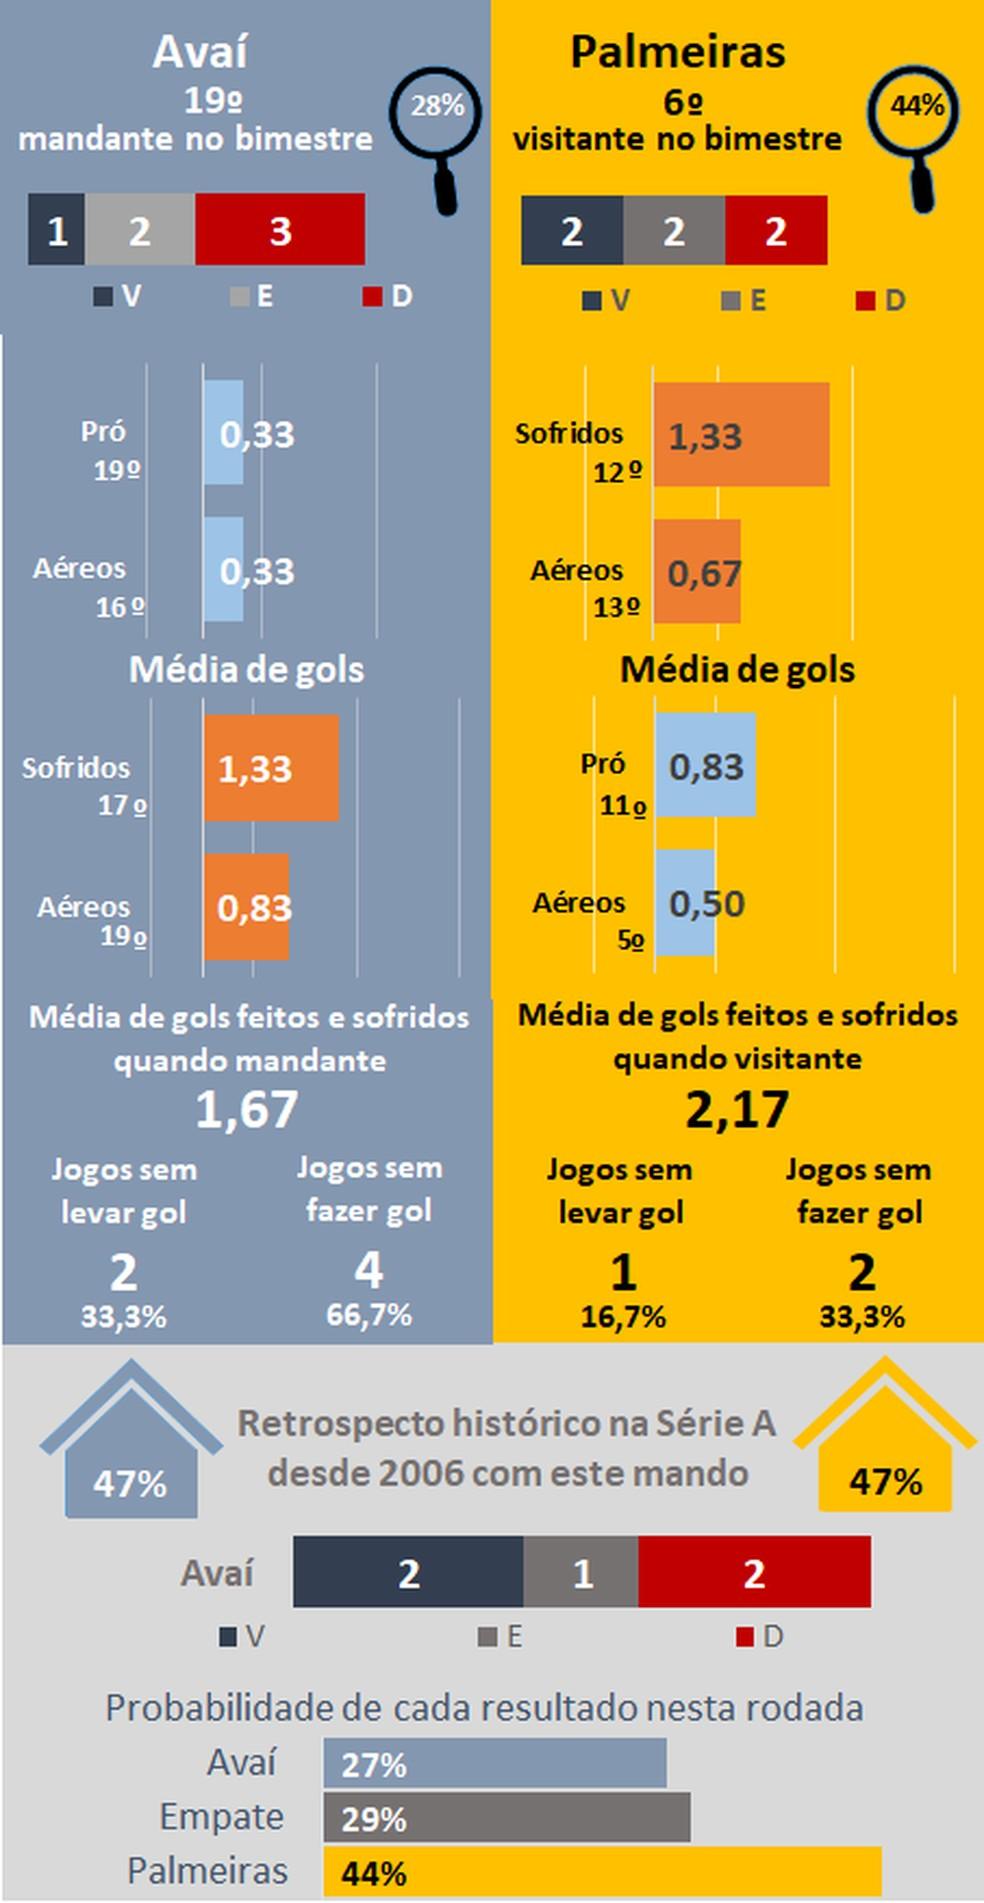 Favoritismos #28 — Foto: Espião Estatístico